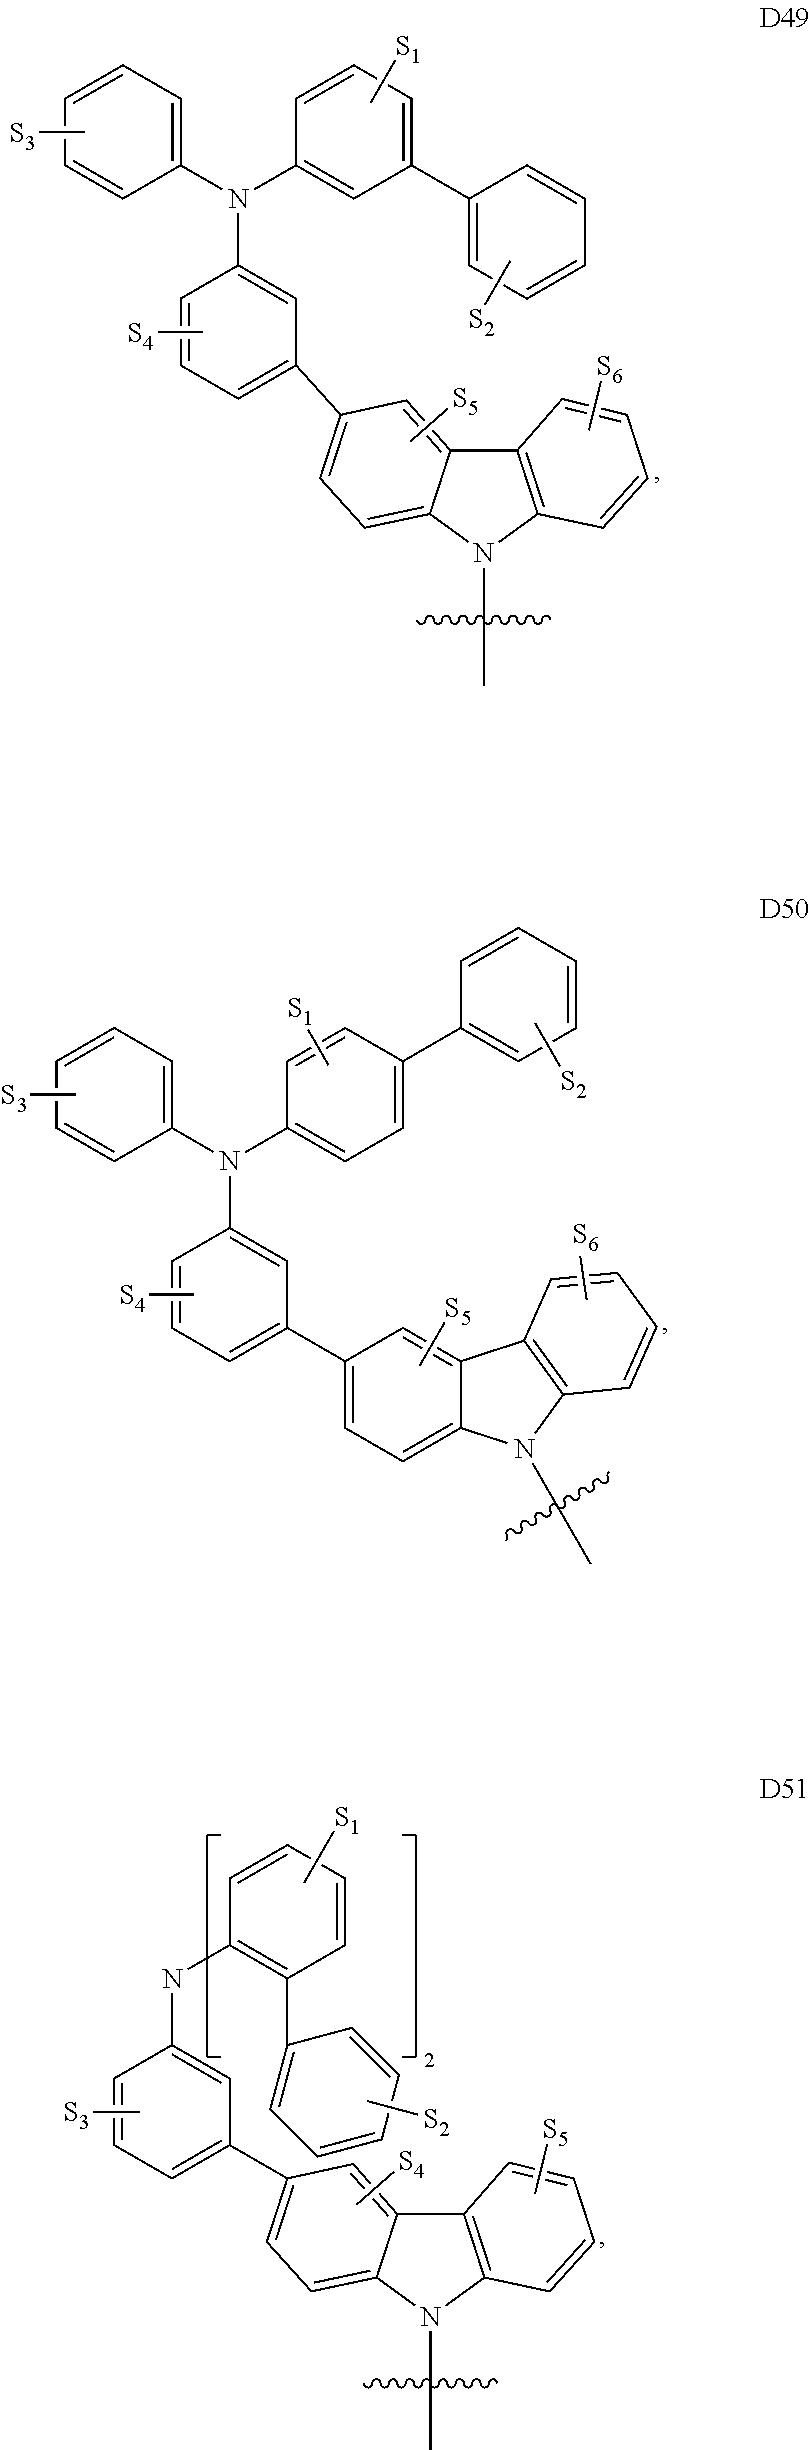 Figure US09324949-20160426-C00329